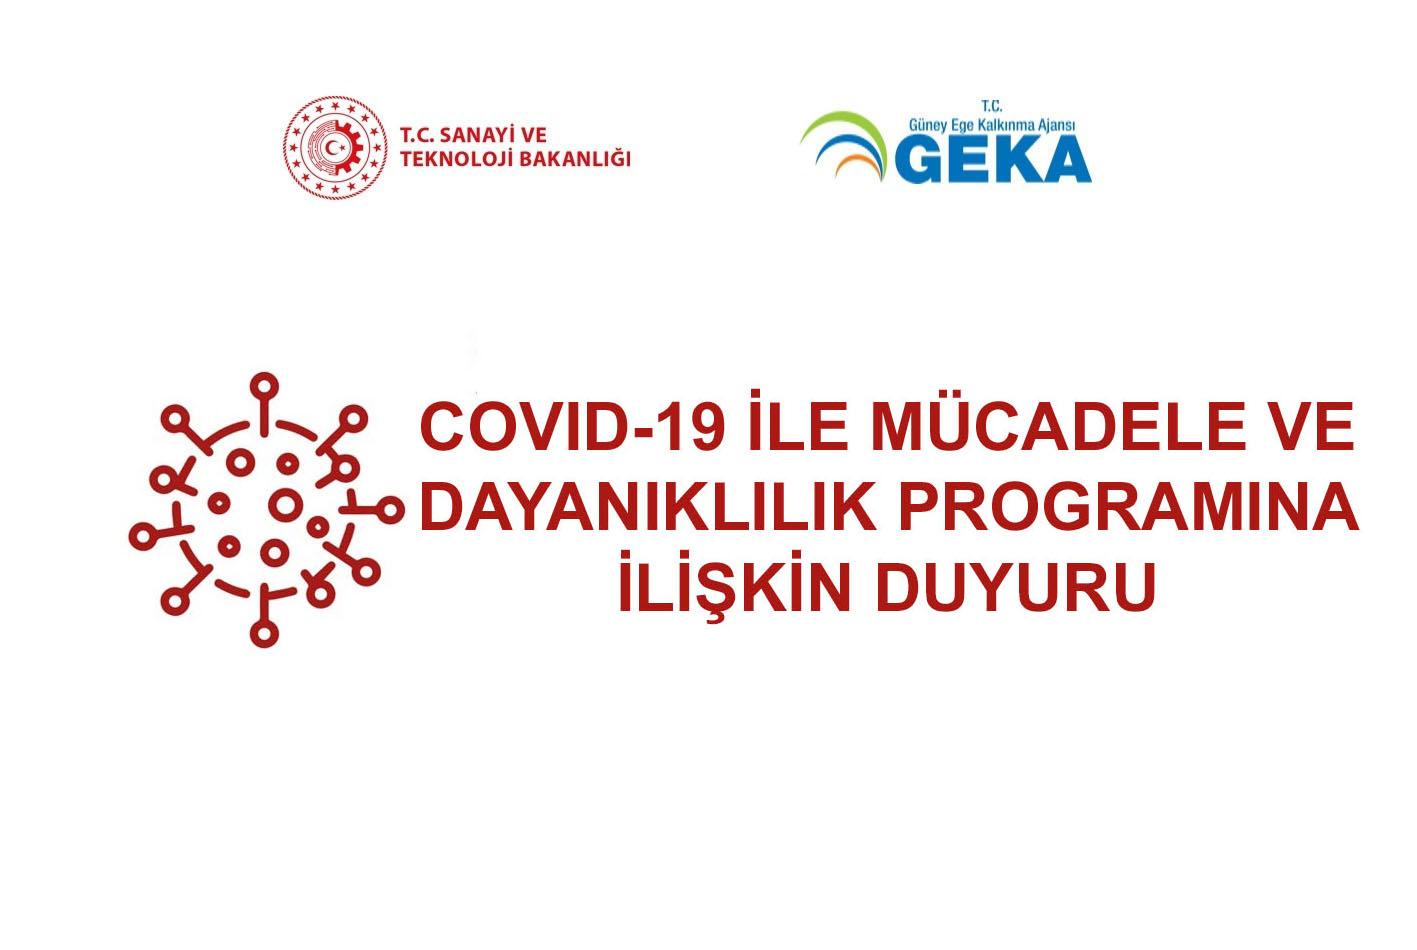 COVID-19 ile Mücadele ve Dayanıklılık Programına ilişkin duyuru